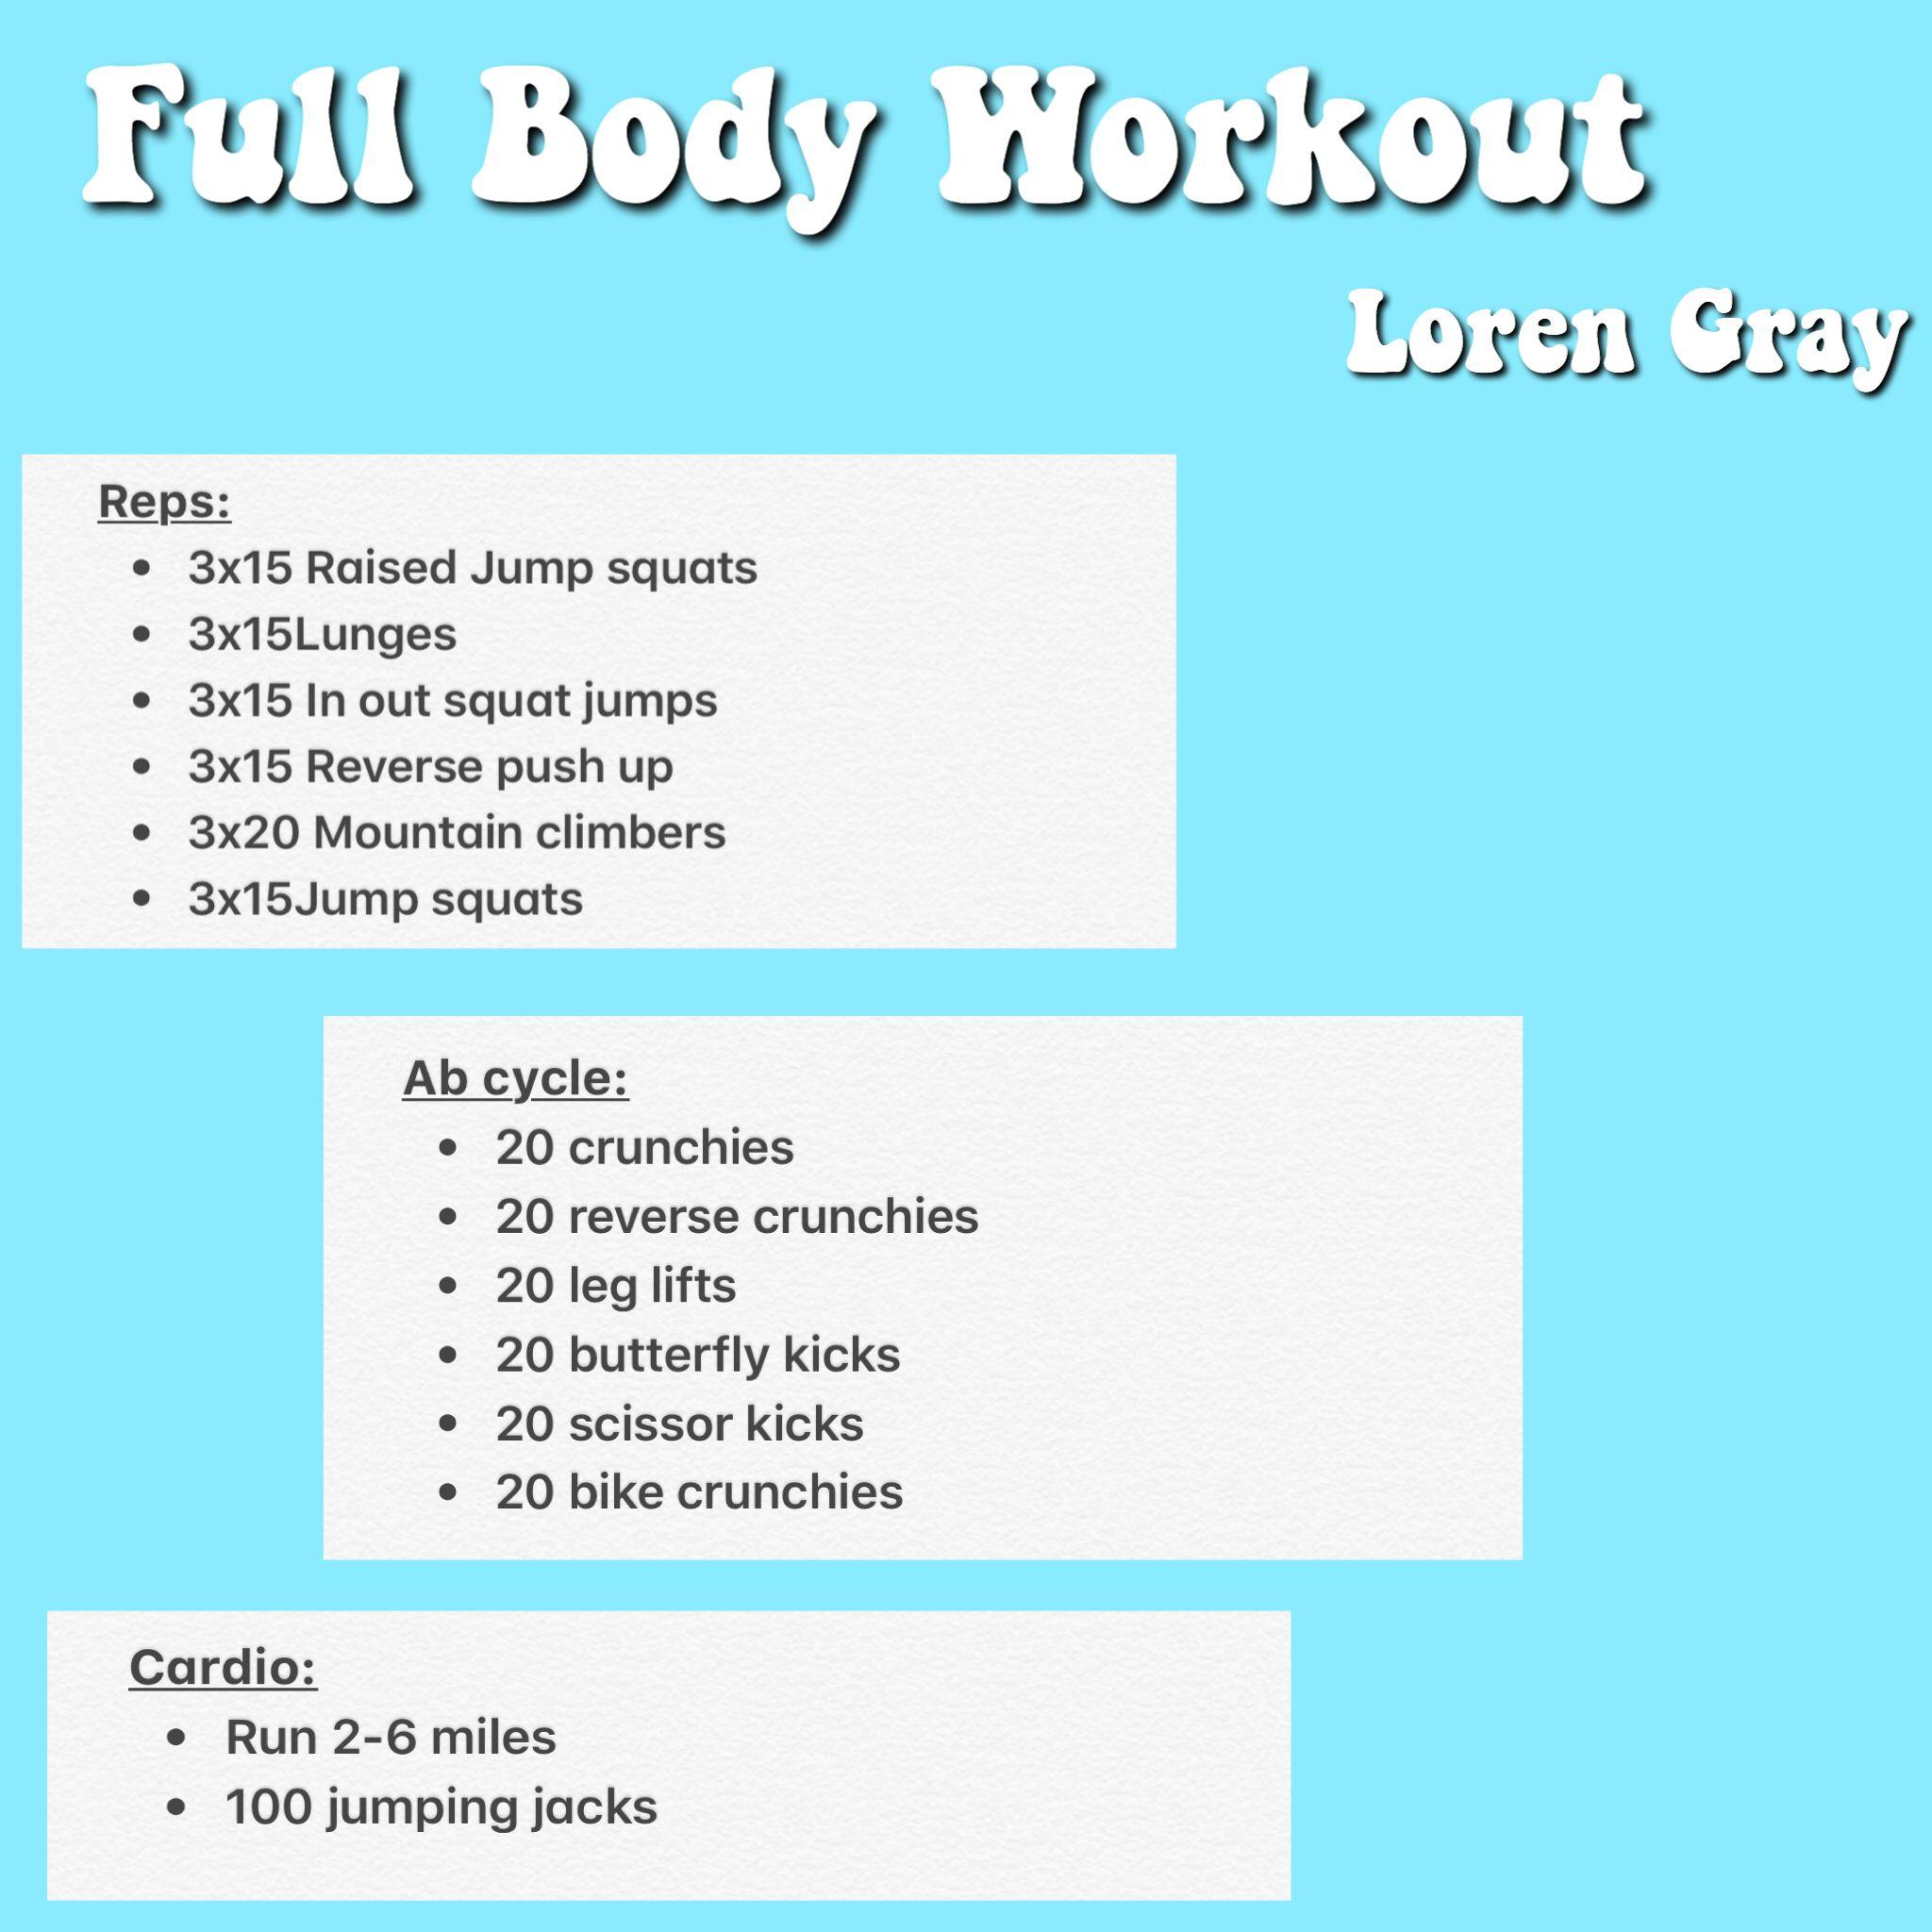 loren gray diet plan